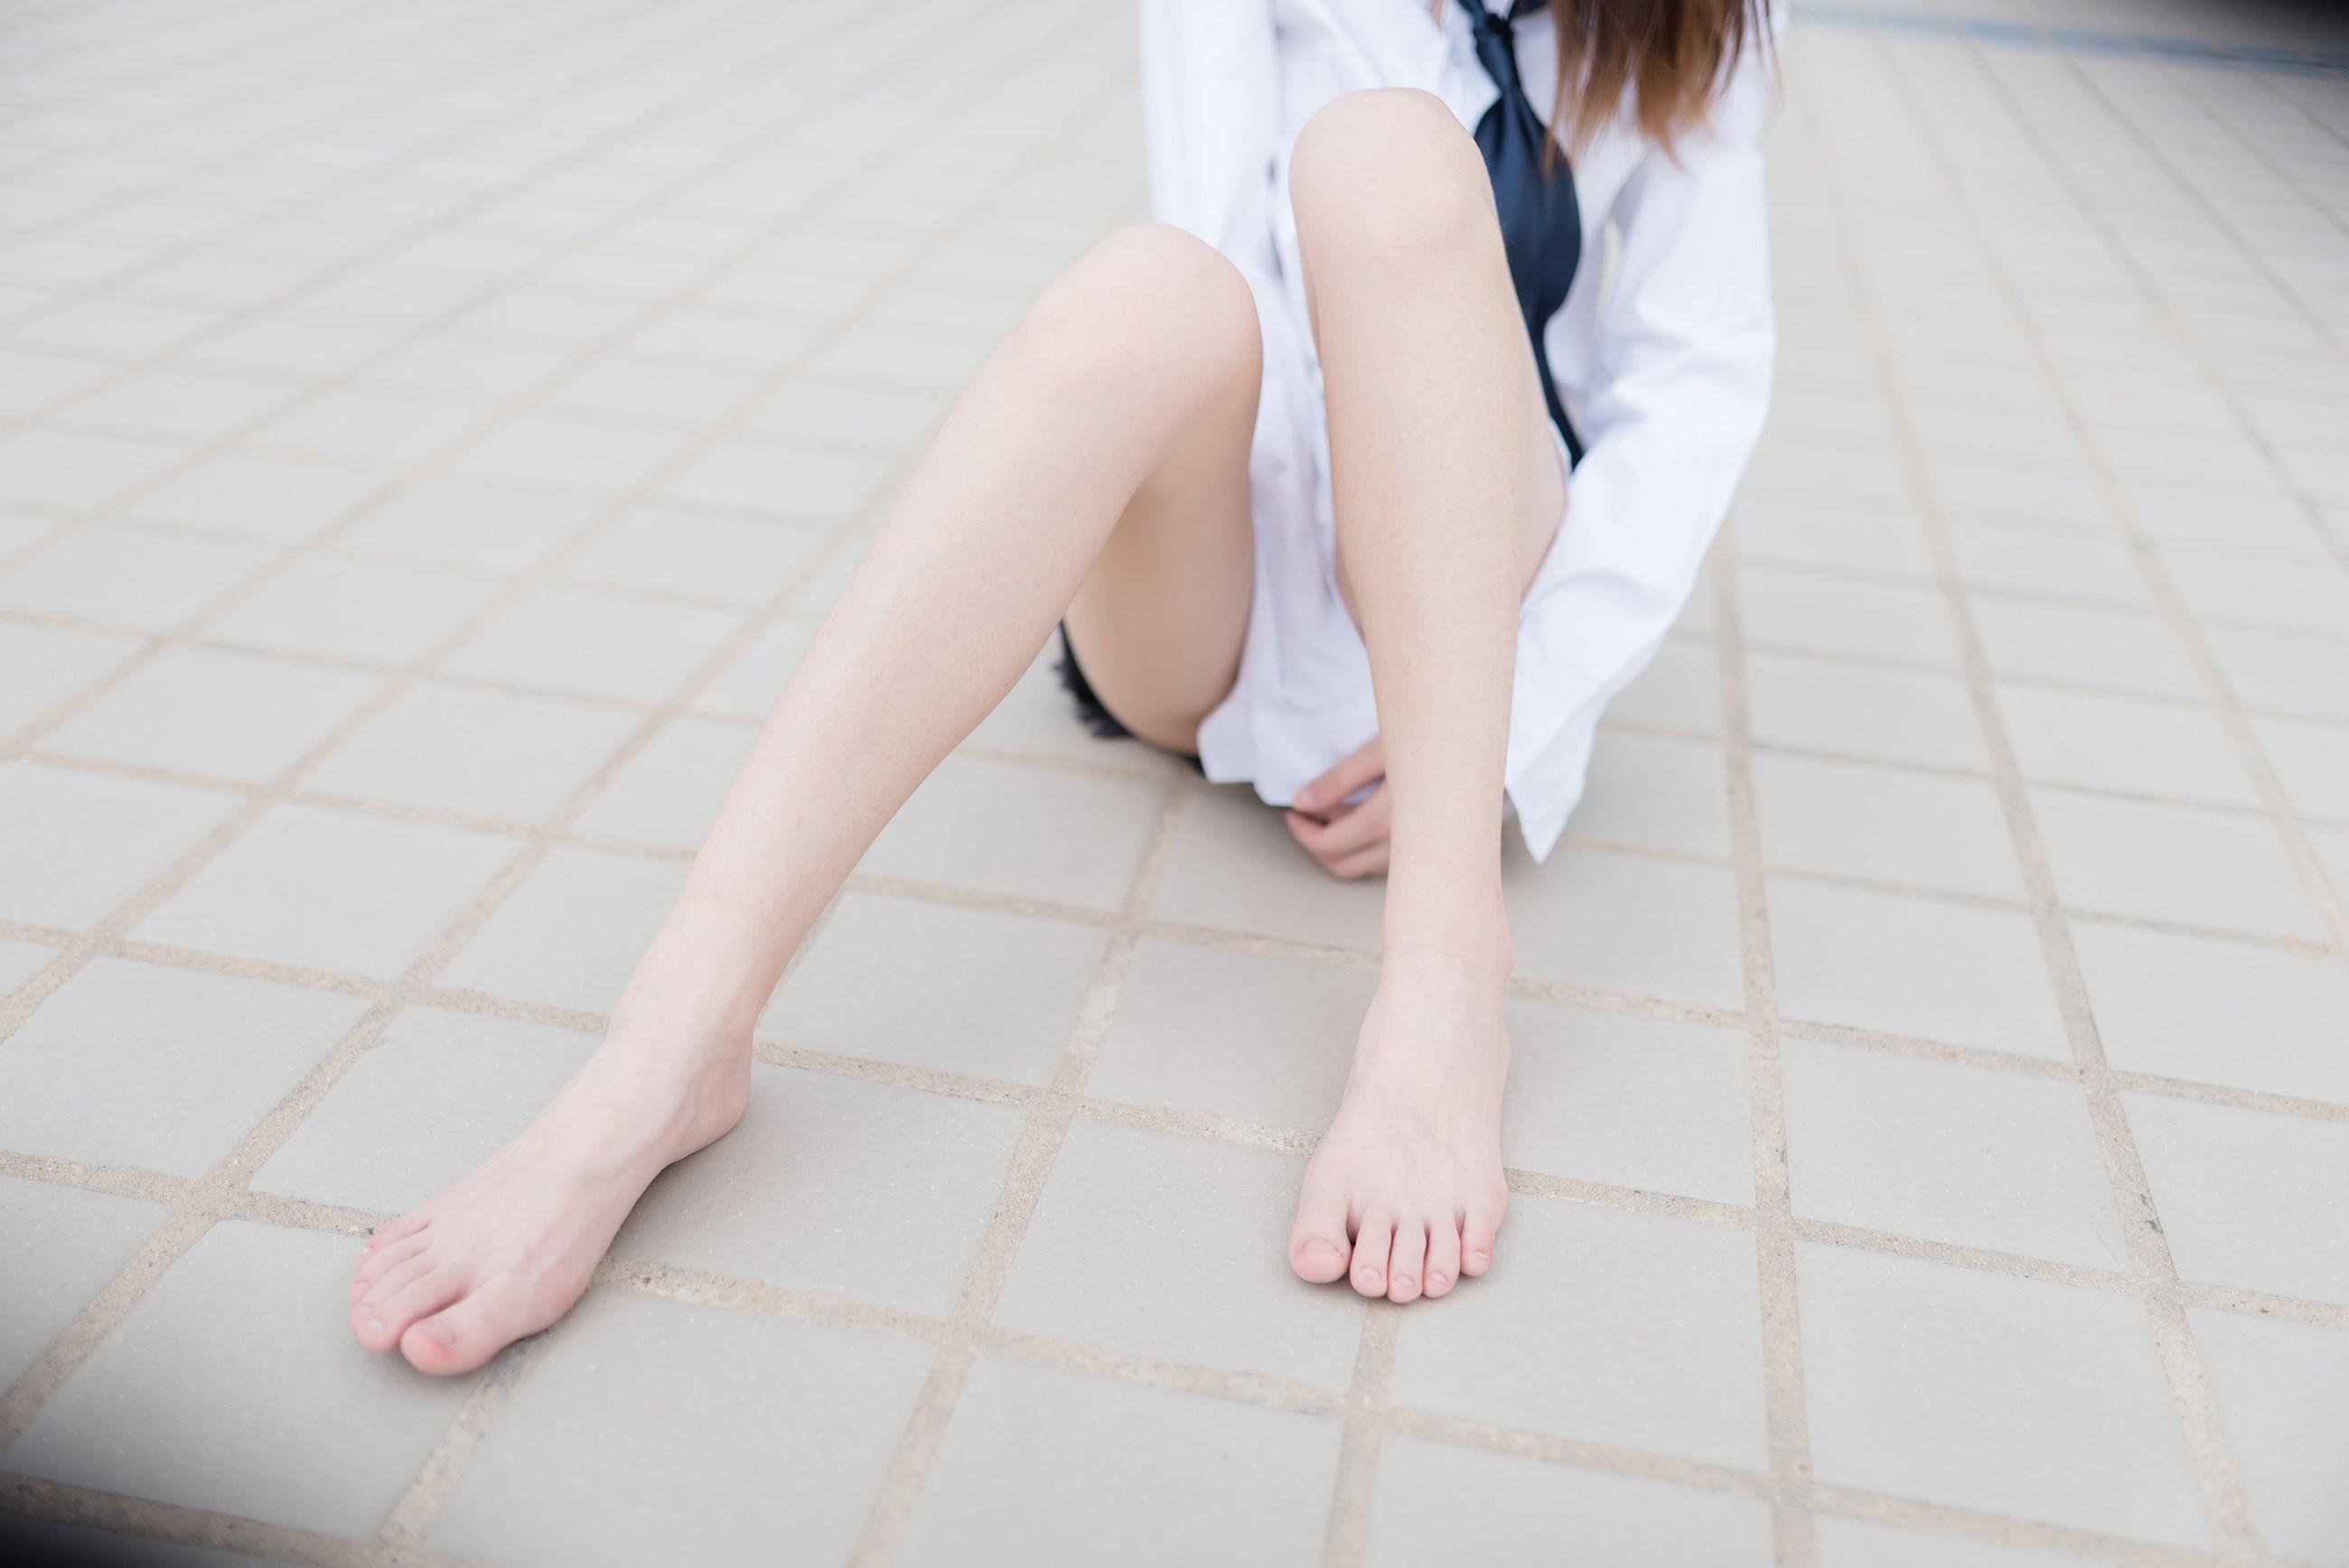 【兔玩映画】裸脚白衬衫 · 足控福利 兔玩映画 第26张